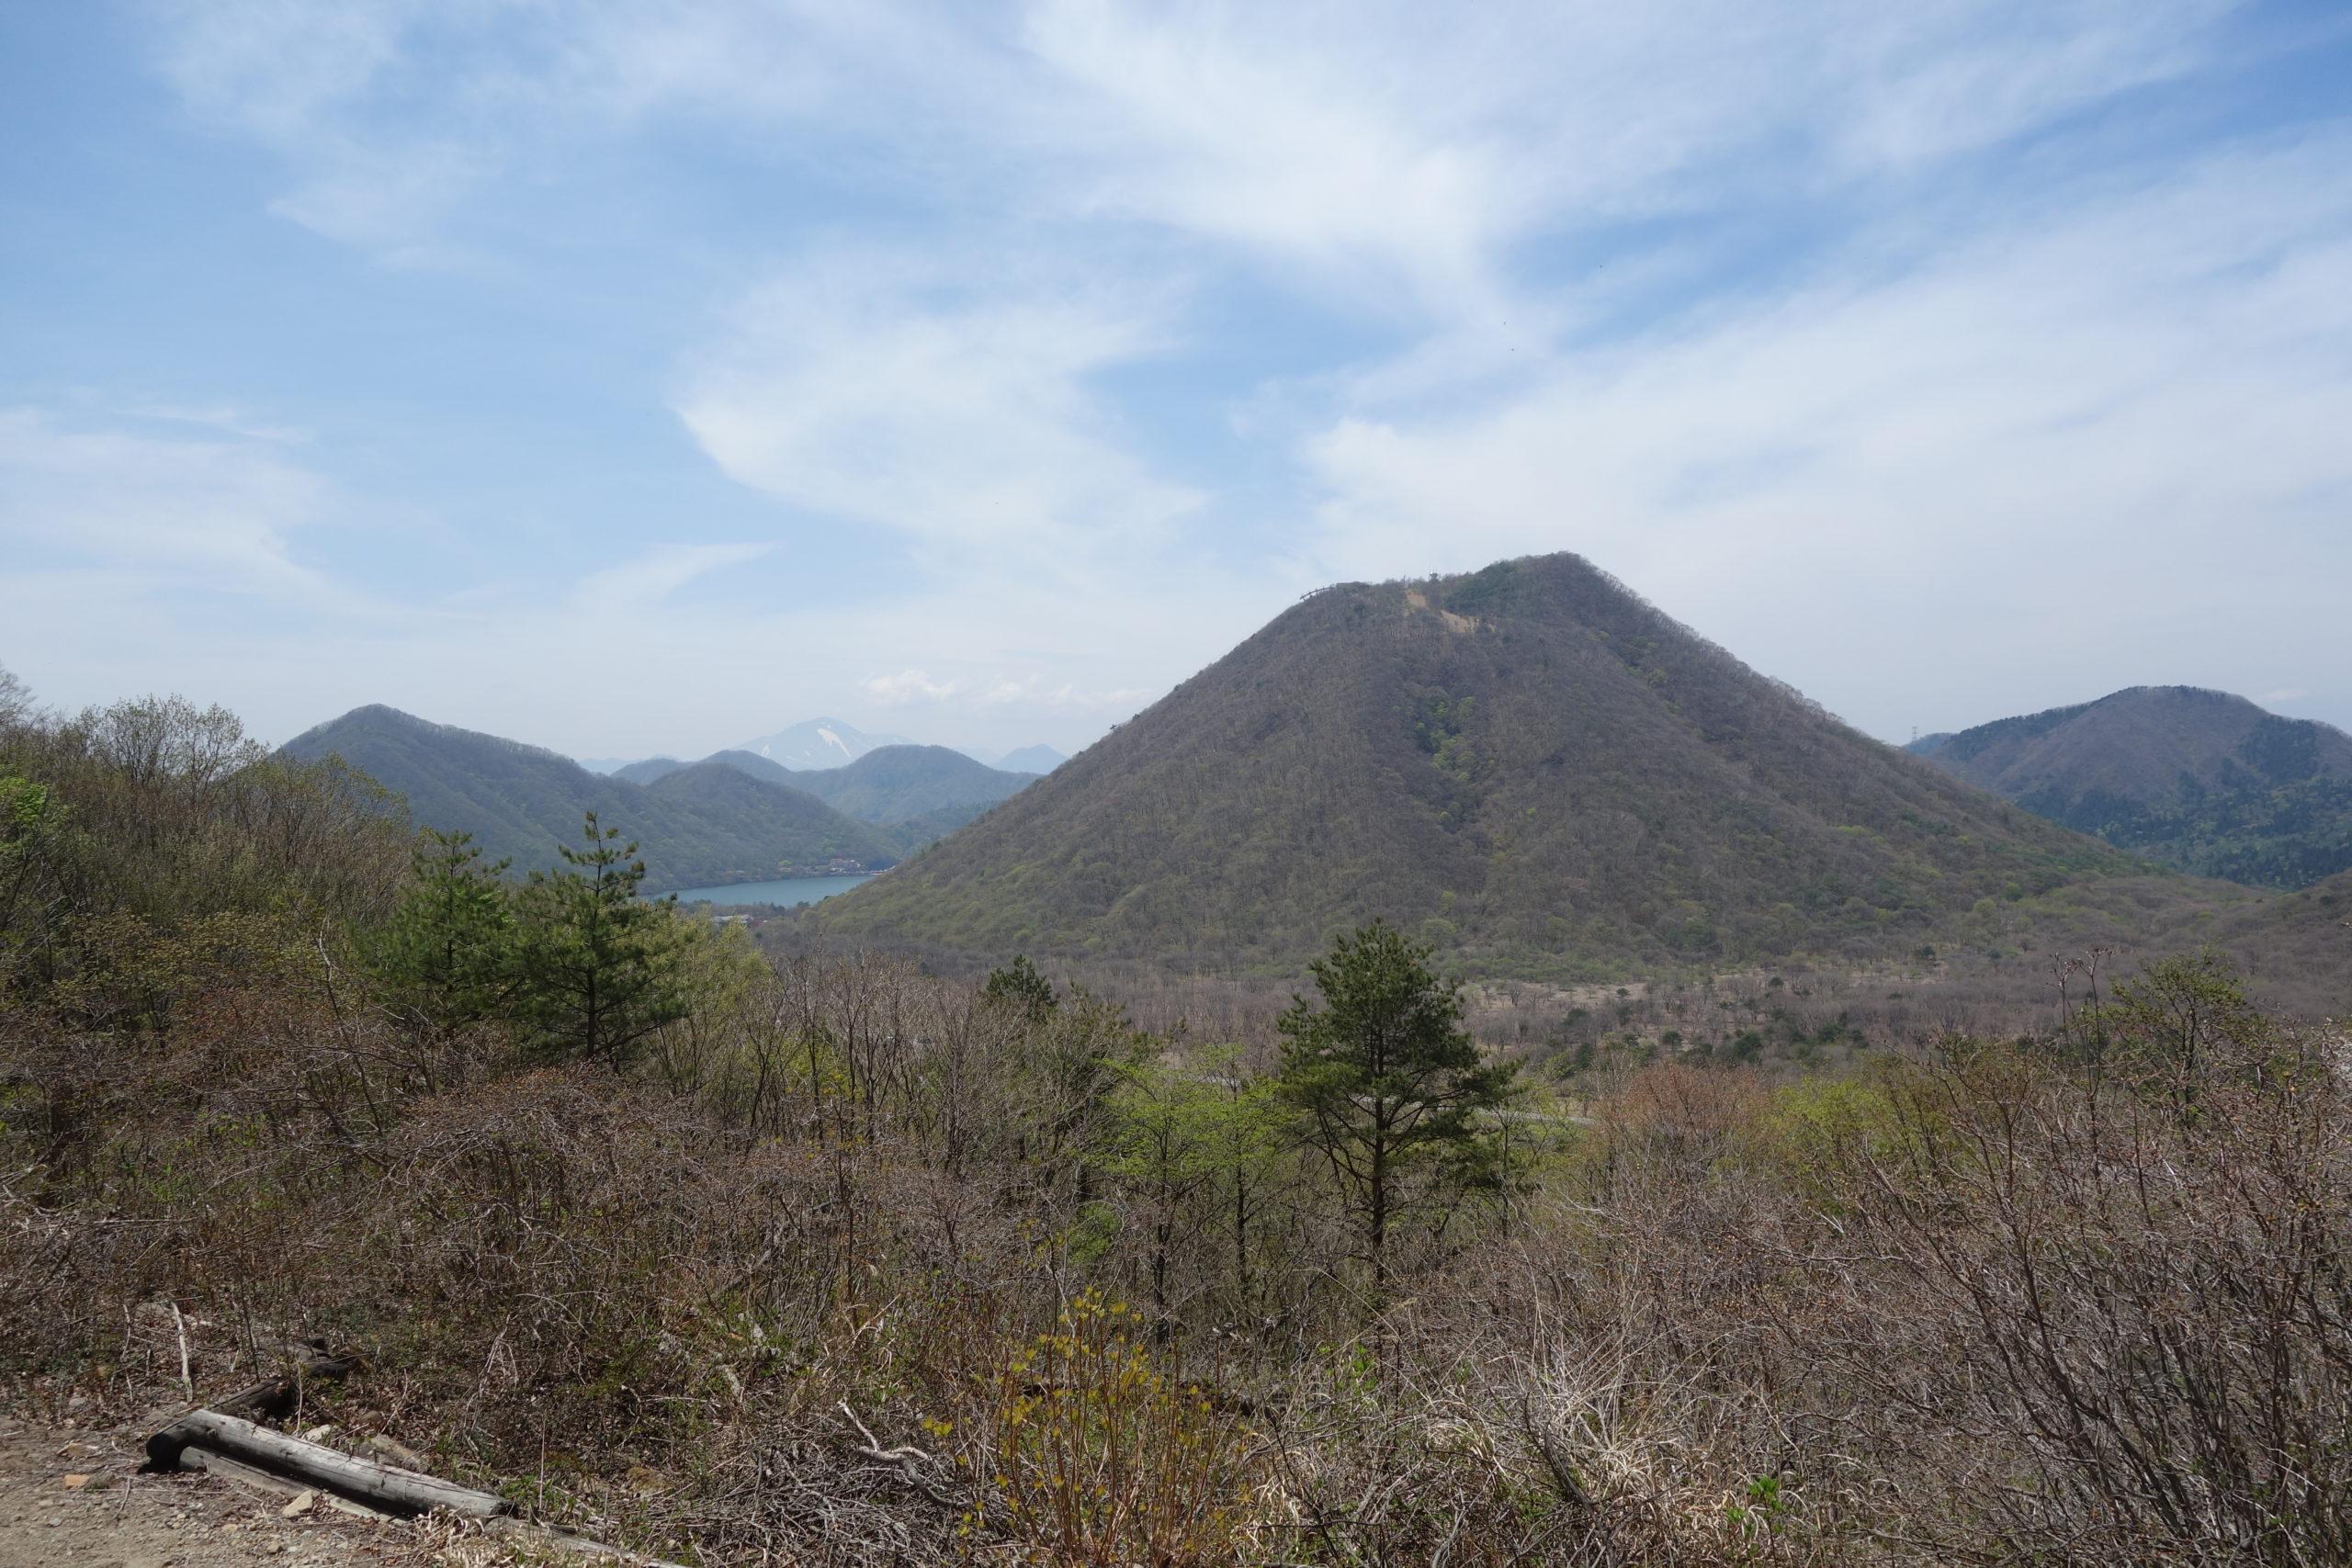 榛名湖一周 天目山〜三ツ峰山〜相馬山